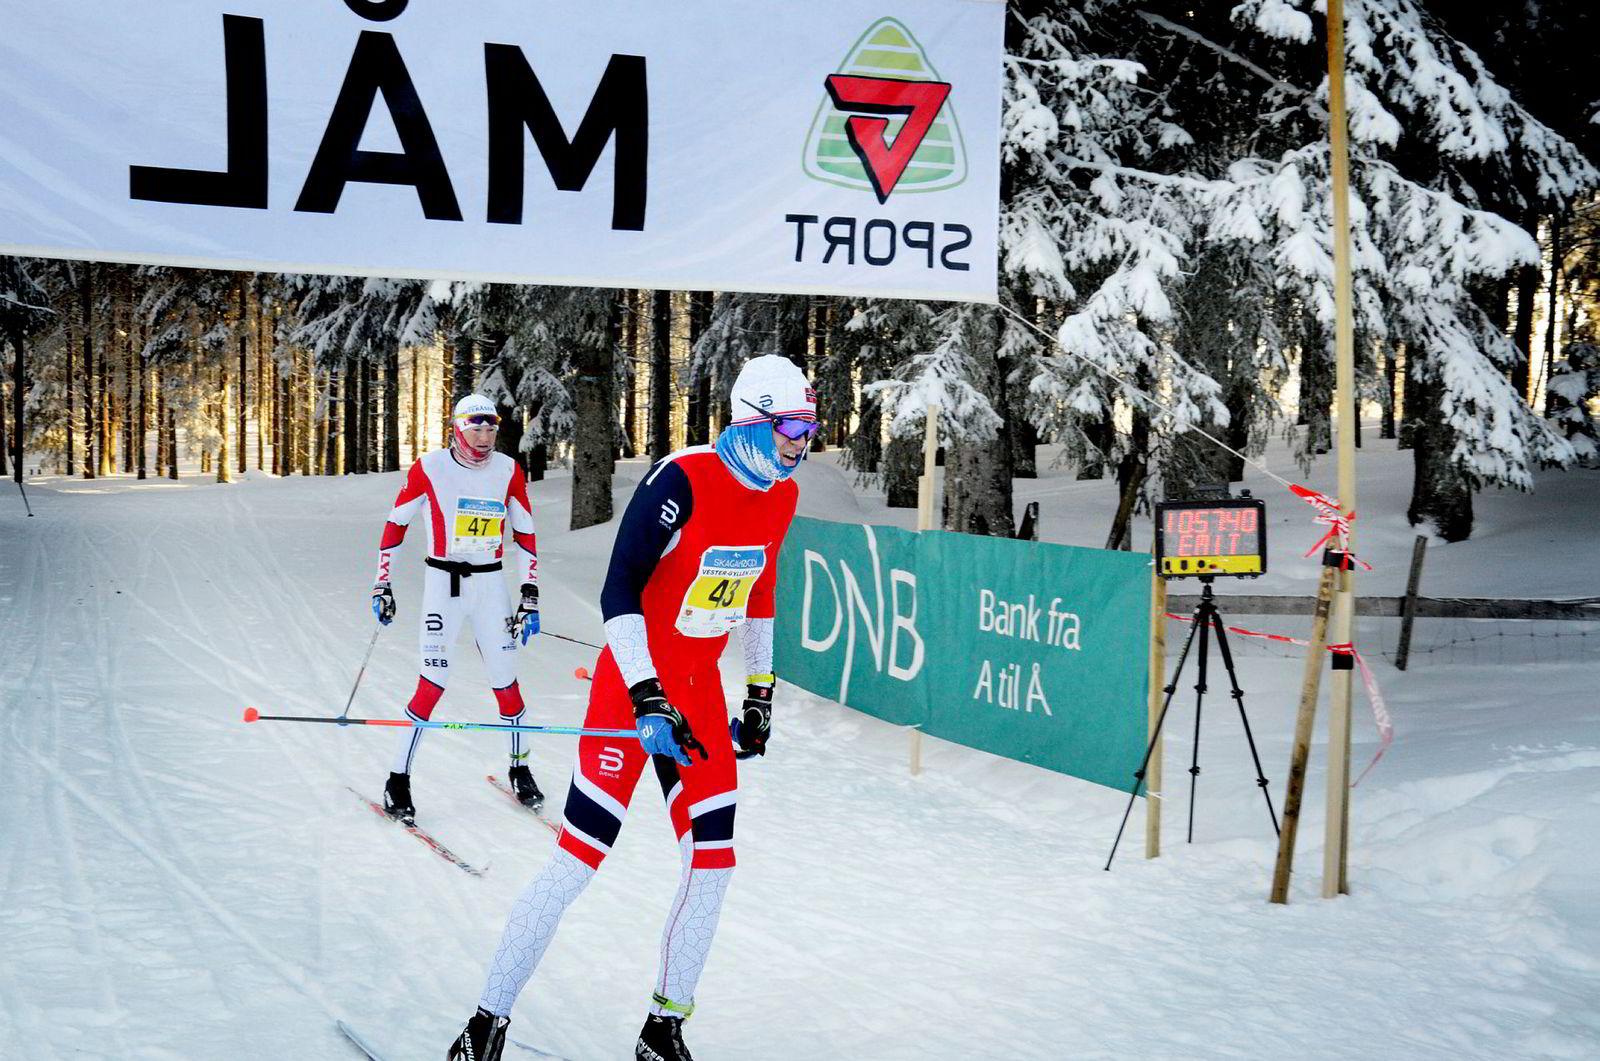 OL-klare Pål Golberg var best i Vester-Gyllen. Han gikk i mål på 1.57.36 – et sekund før Lyns Joar Thele.